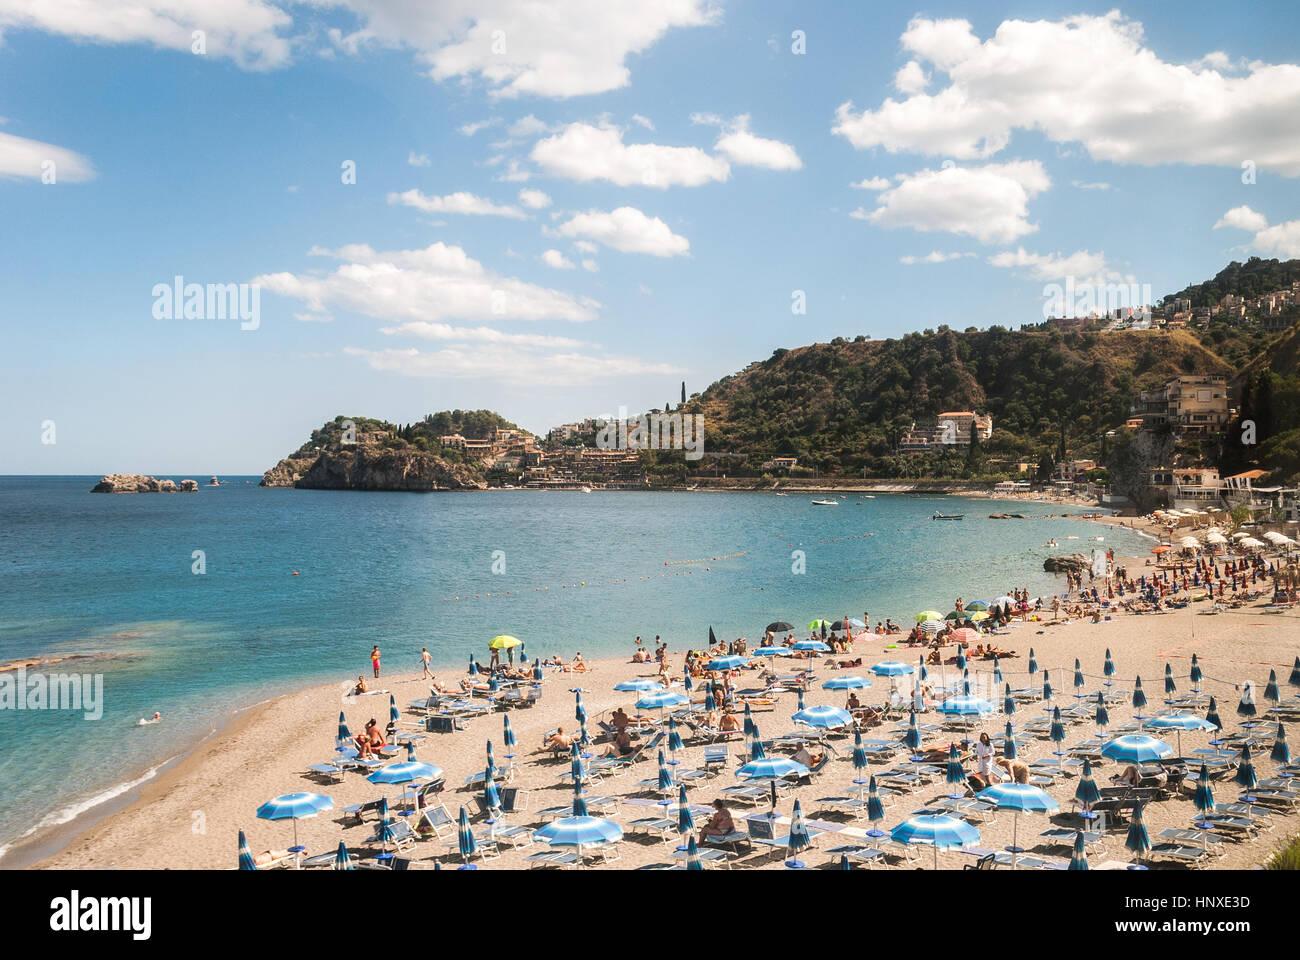 Plage à proximité de Taormina (Sicile) au cours de l'été Photo Stock